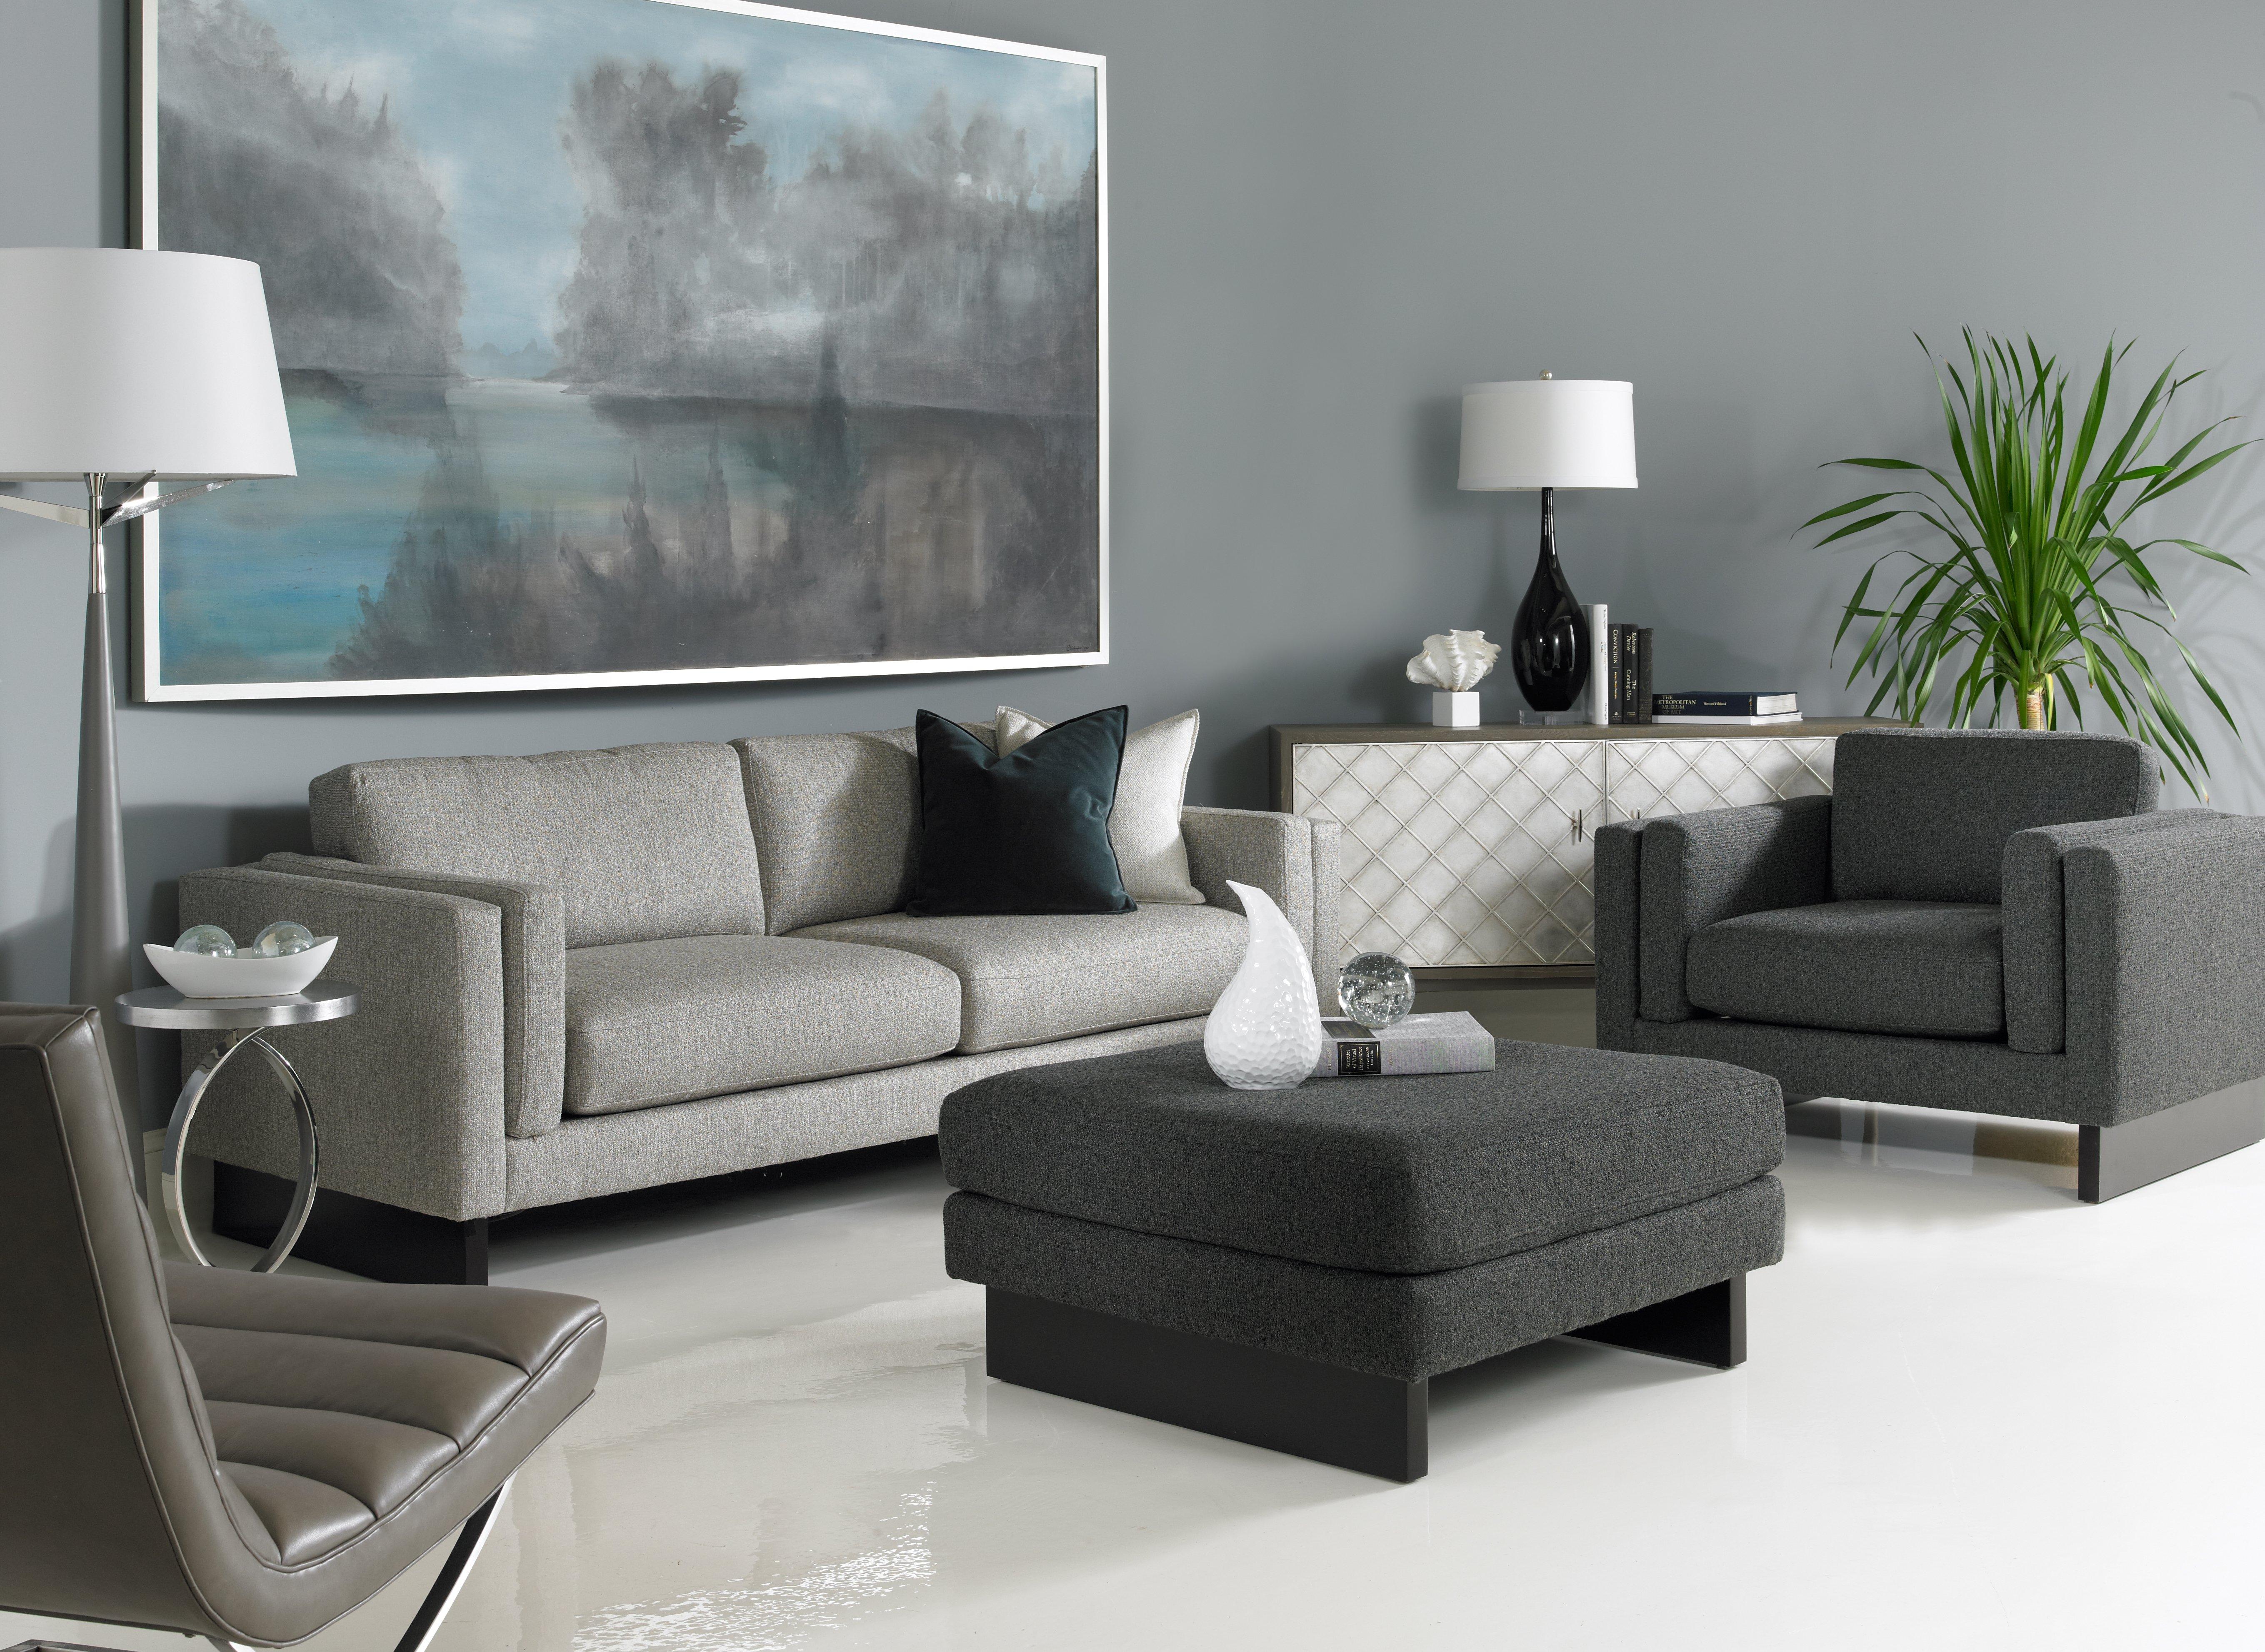 Furniture classics a furniture store in anchorage ak for Furniture anchorage